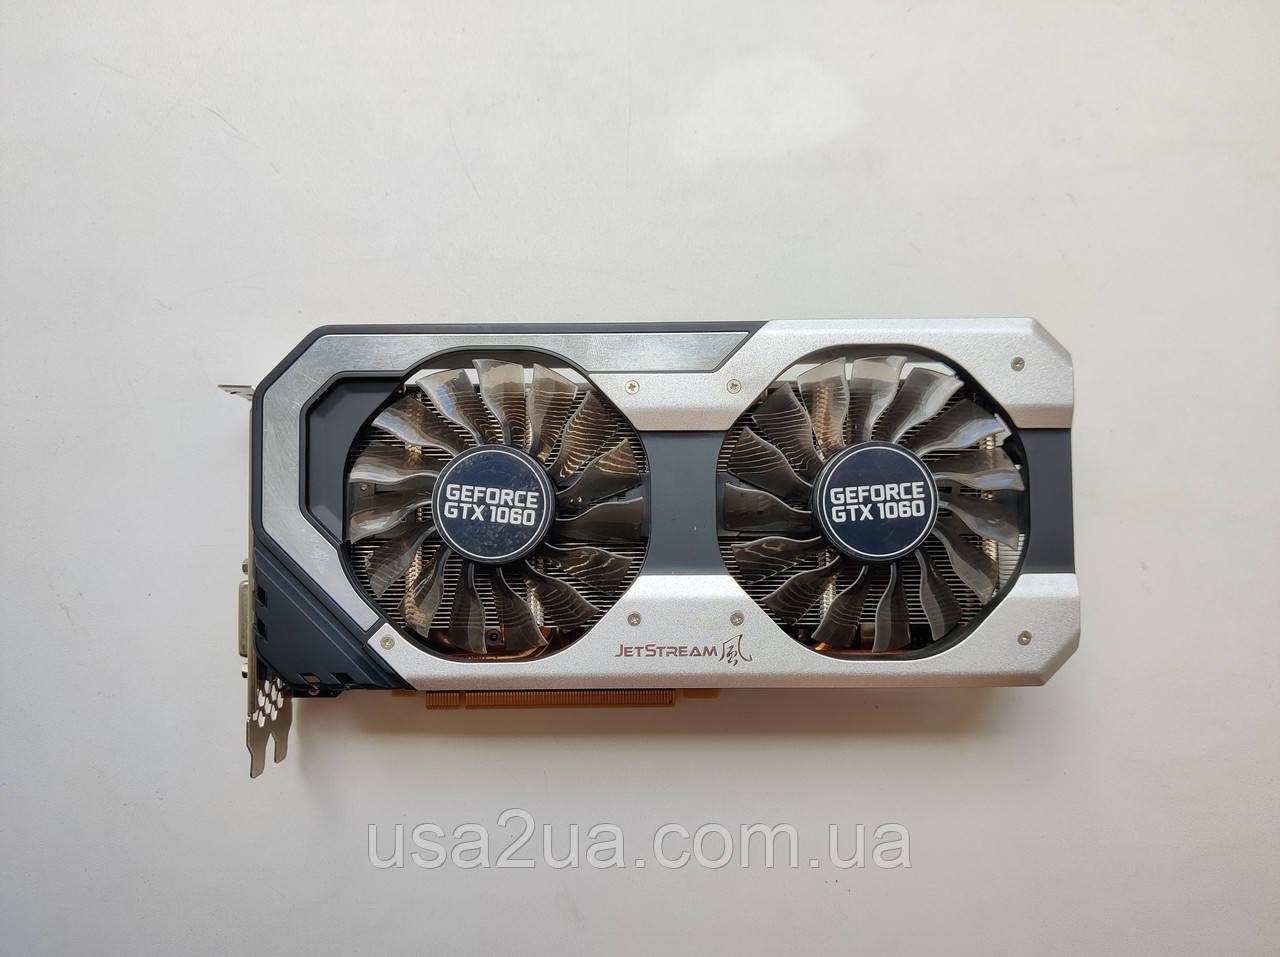 Відеокарта Palit JetStream GeForce GTX 1060 6 GB GDDR5 192-bit гарантія кредит